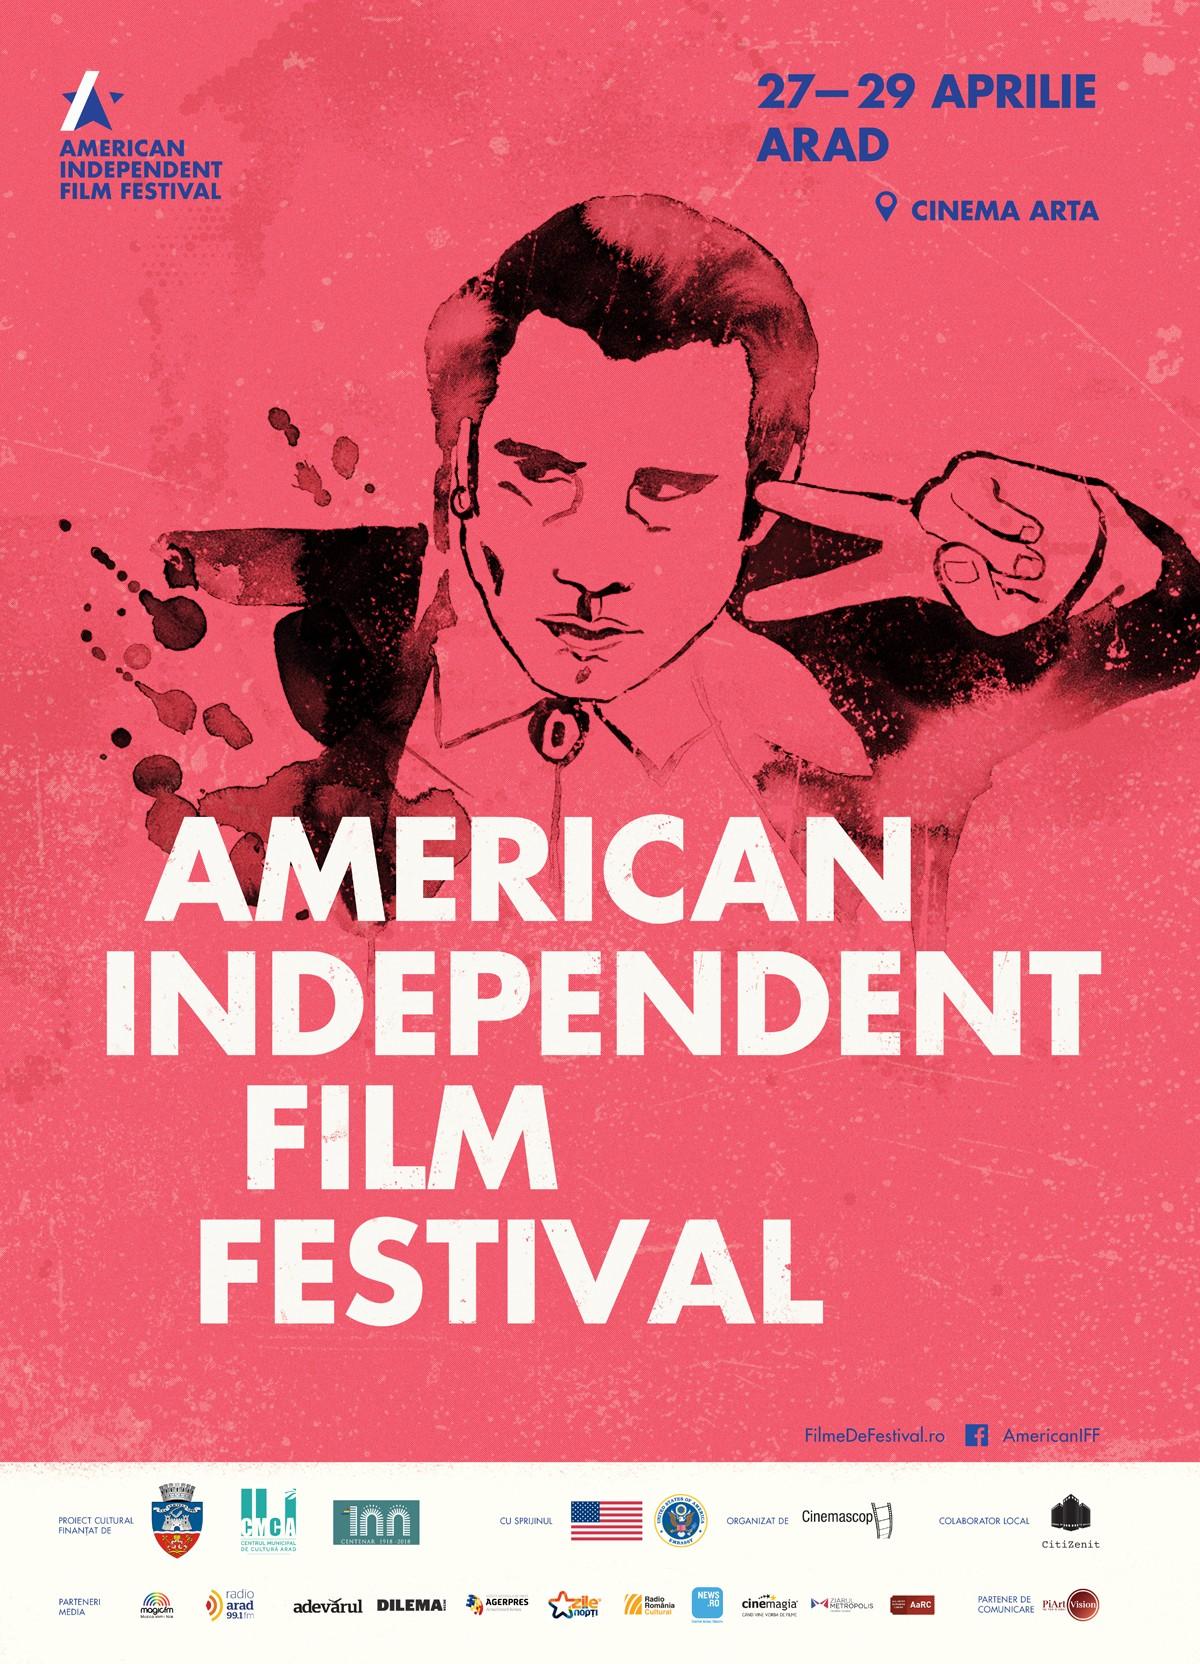 American Independent Film Festival în premieră la Arad 27 – 29 aprilie